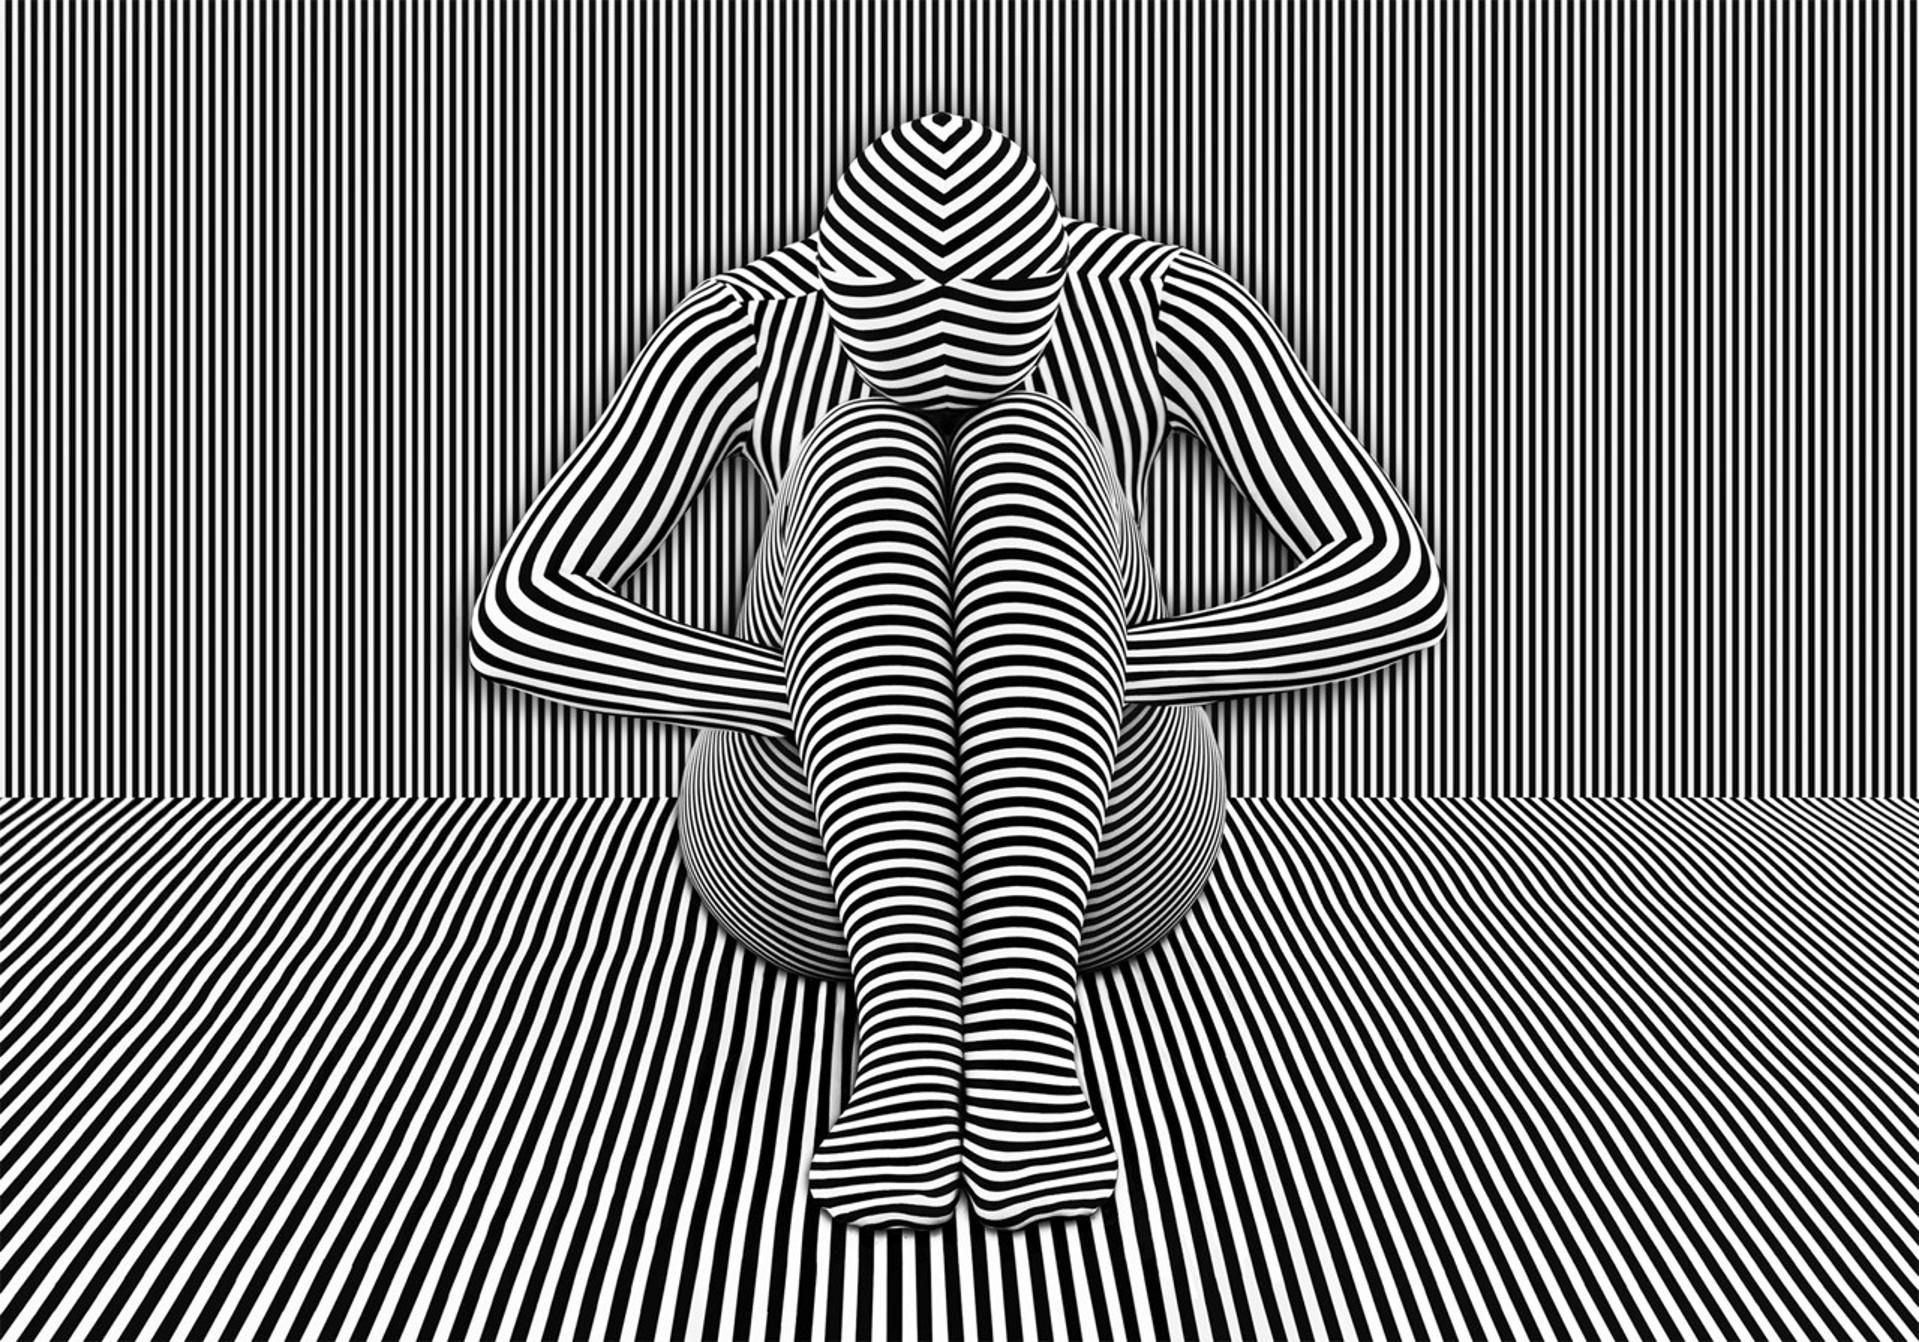 Stripe Study III by Parish Kohanim